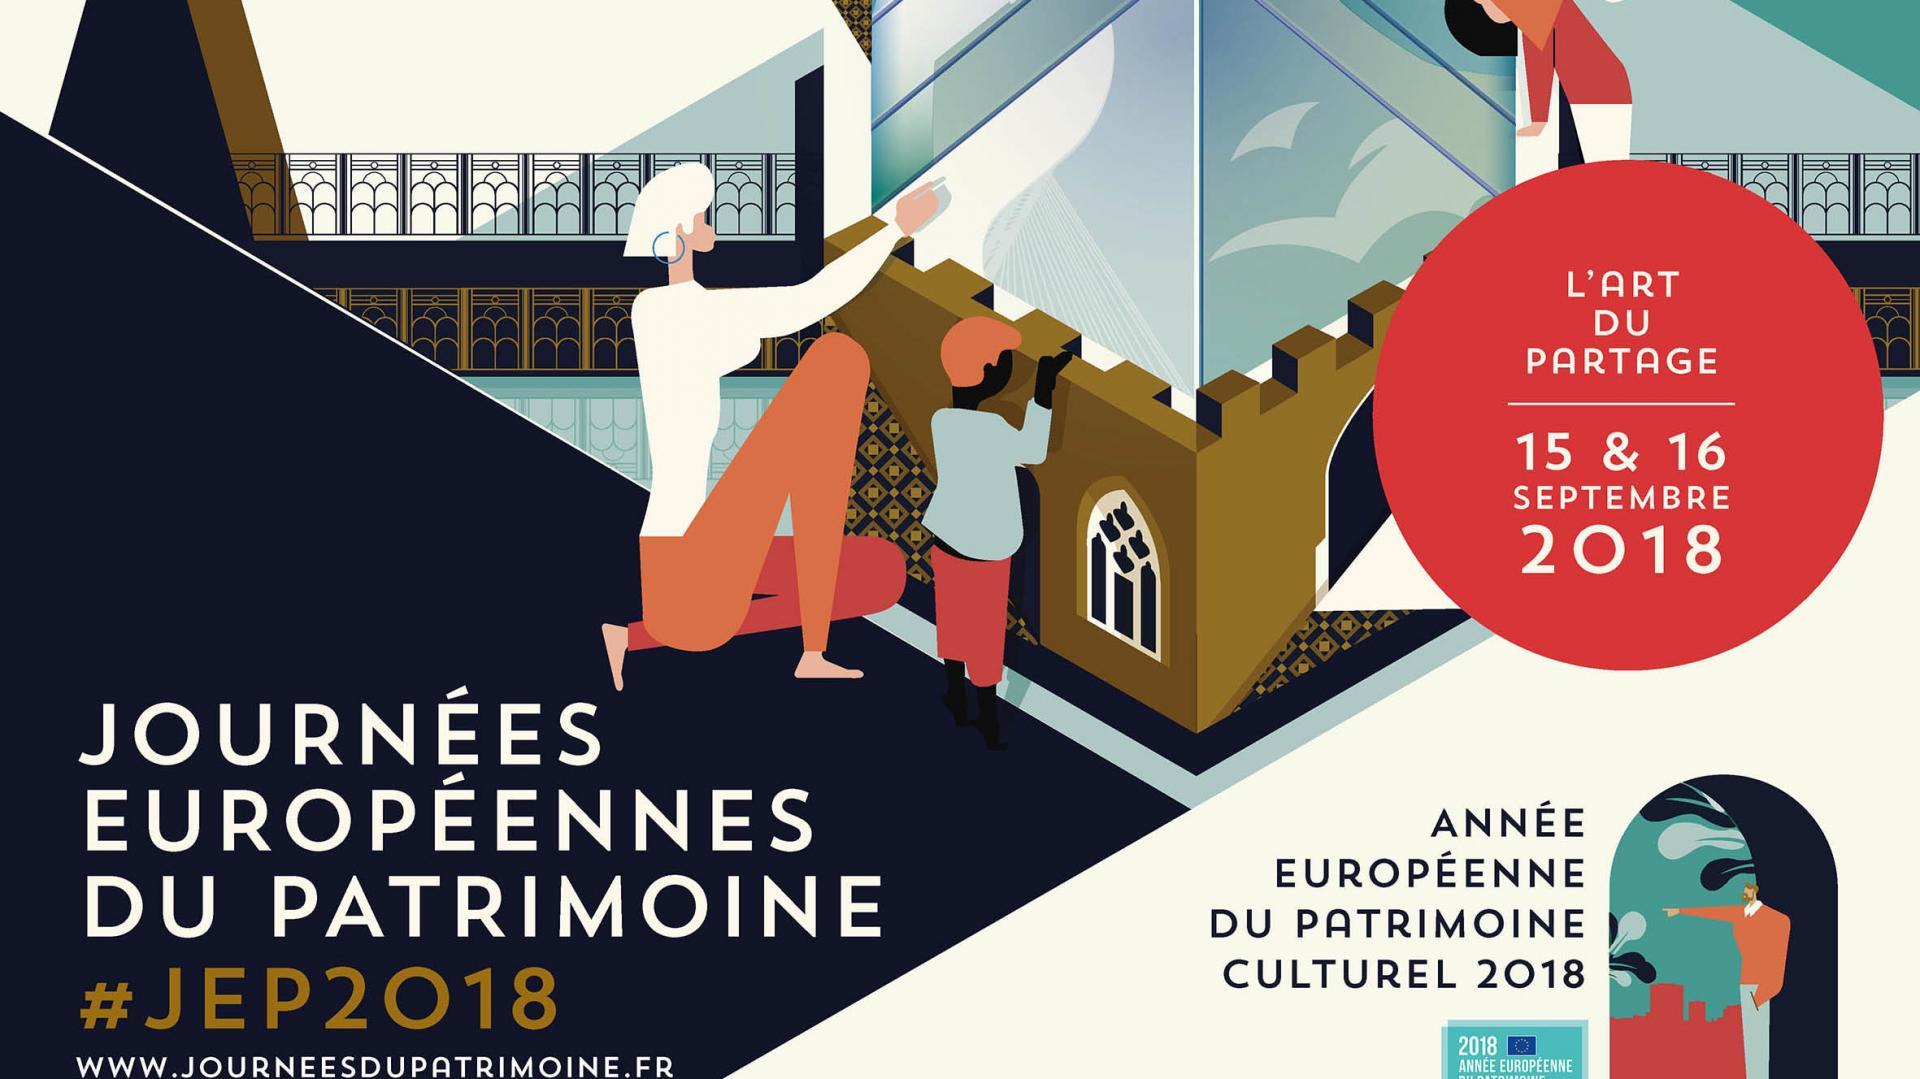 Journees europeennes du patrimoine 2018 bandeau